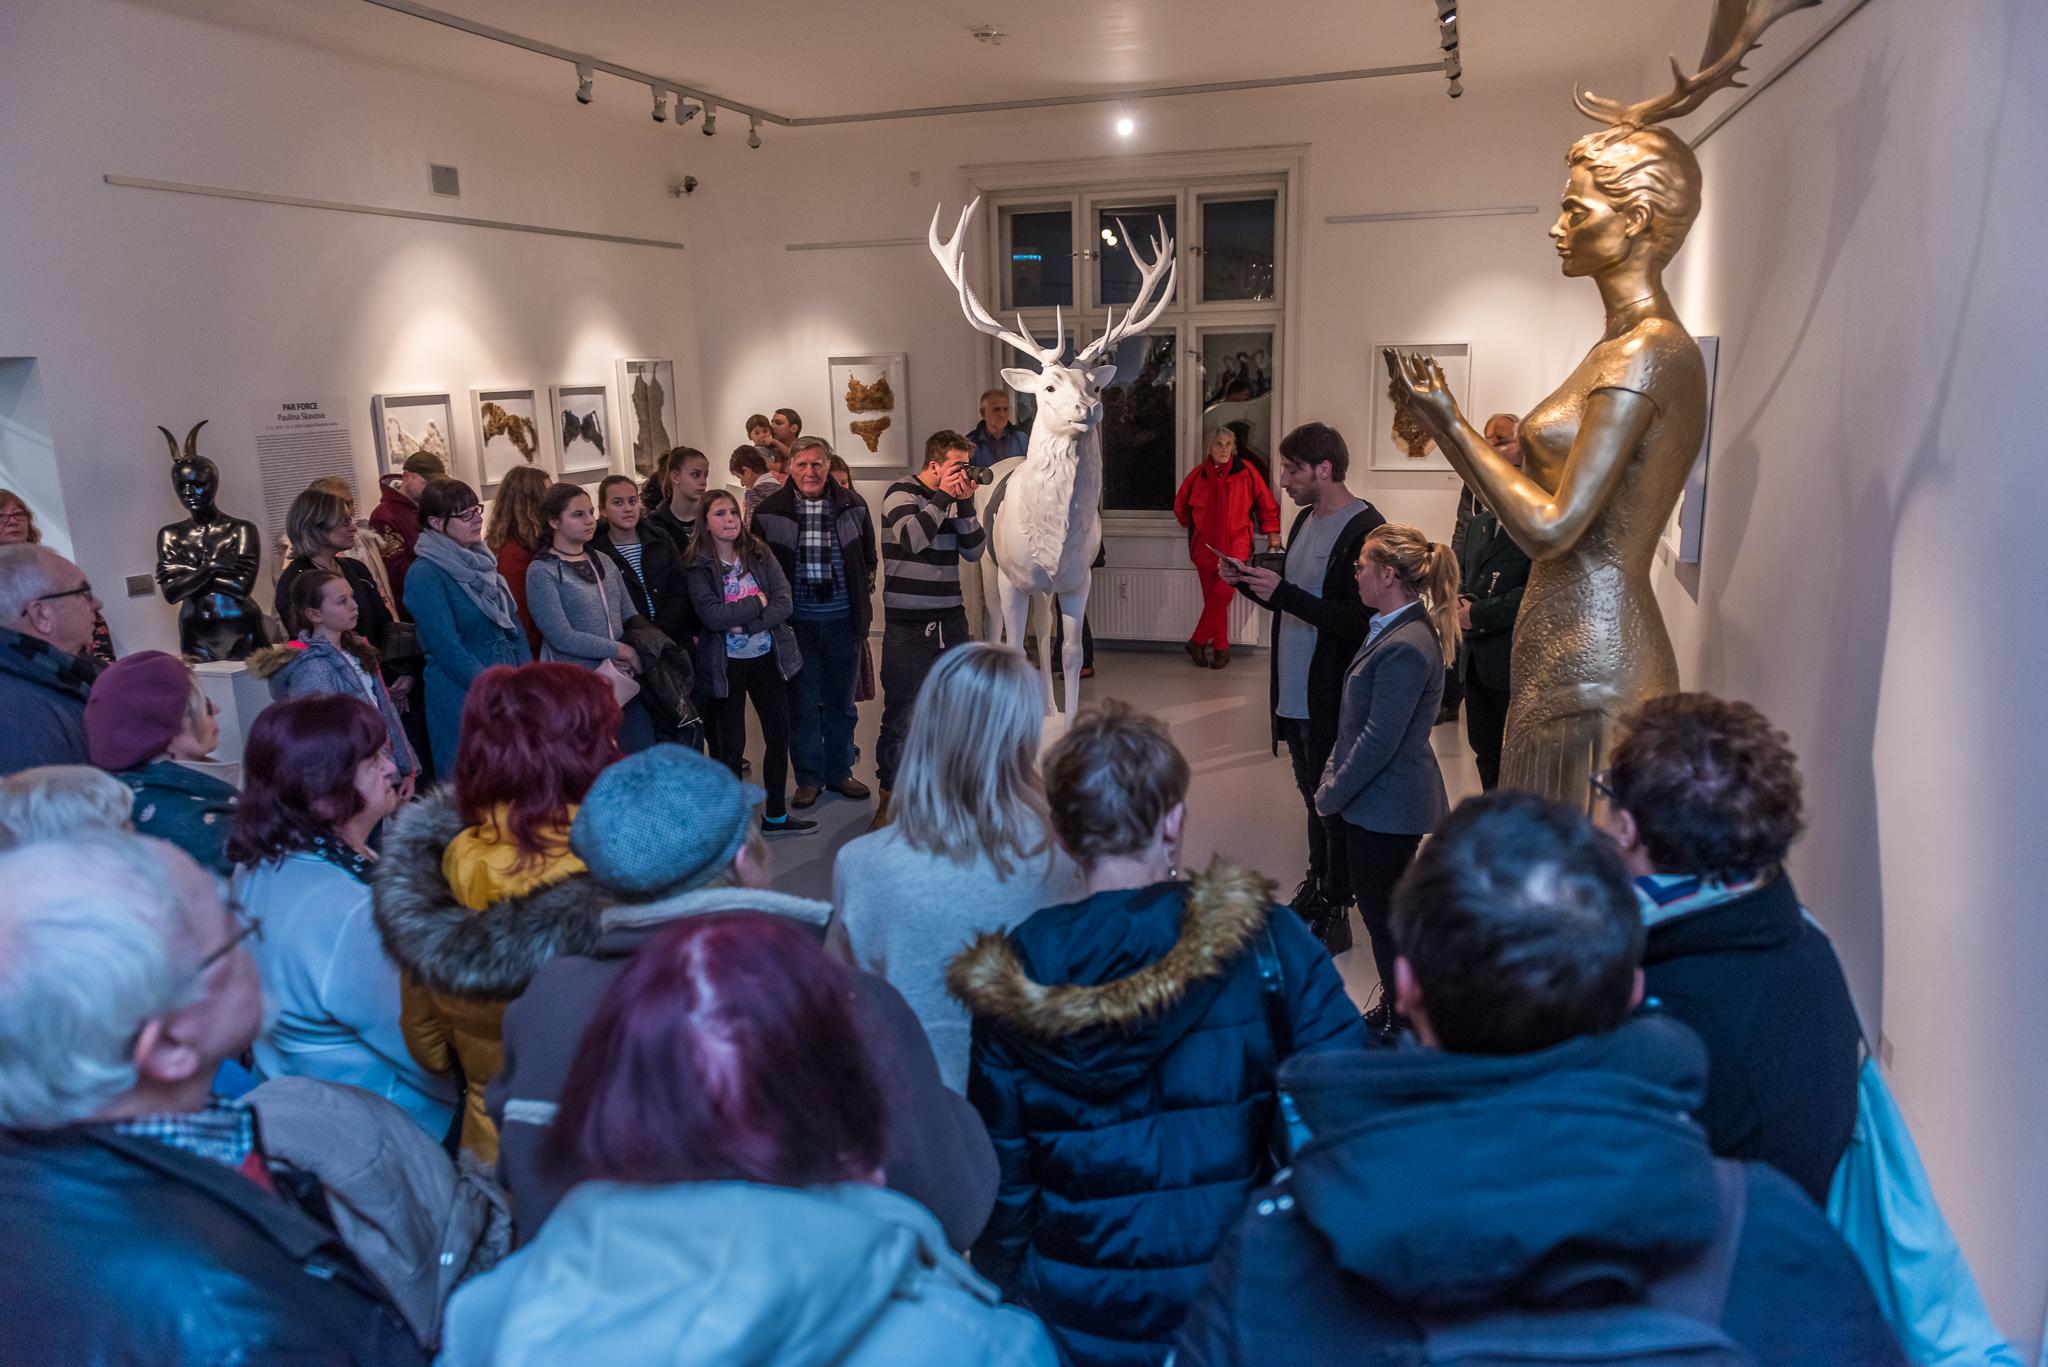 vernisáž PAULINA SKAVOVA – PAR FORCE / 4. 12. 2019 // Galerie Obecního domu